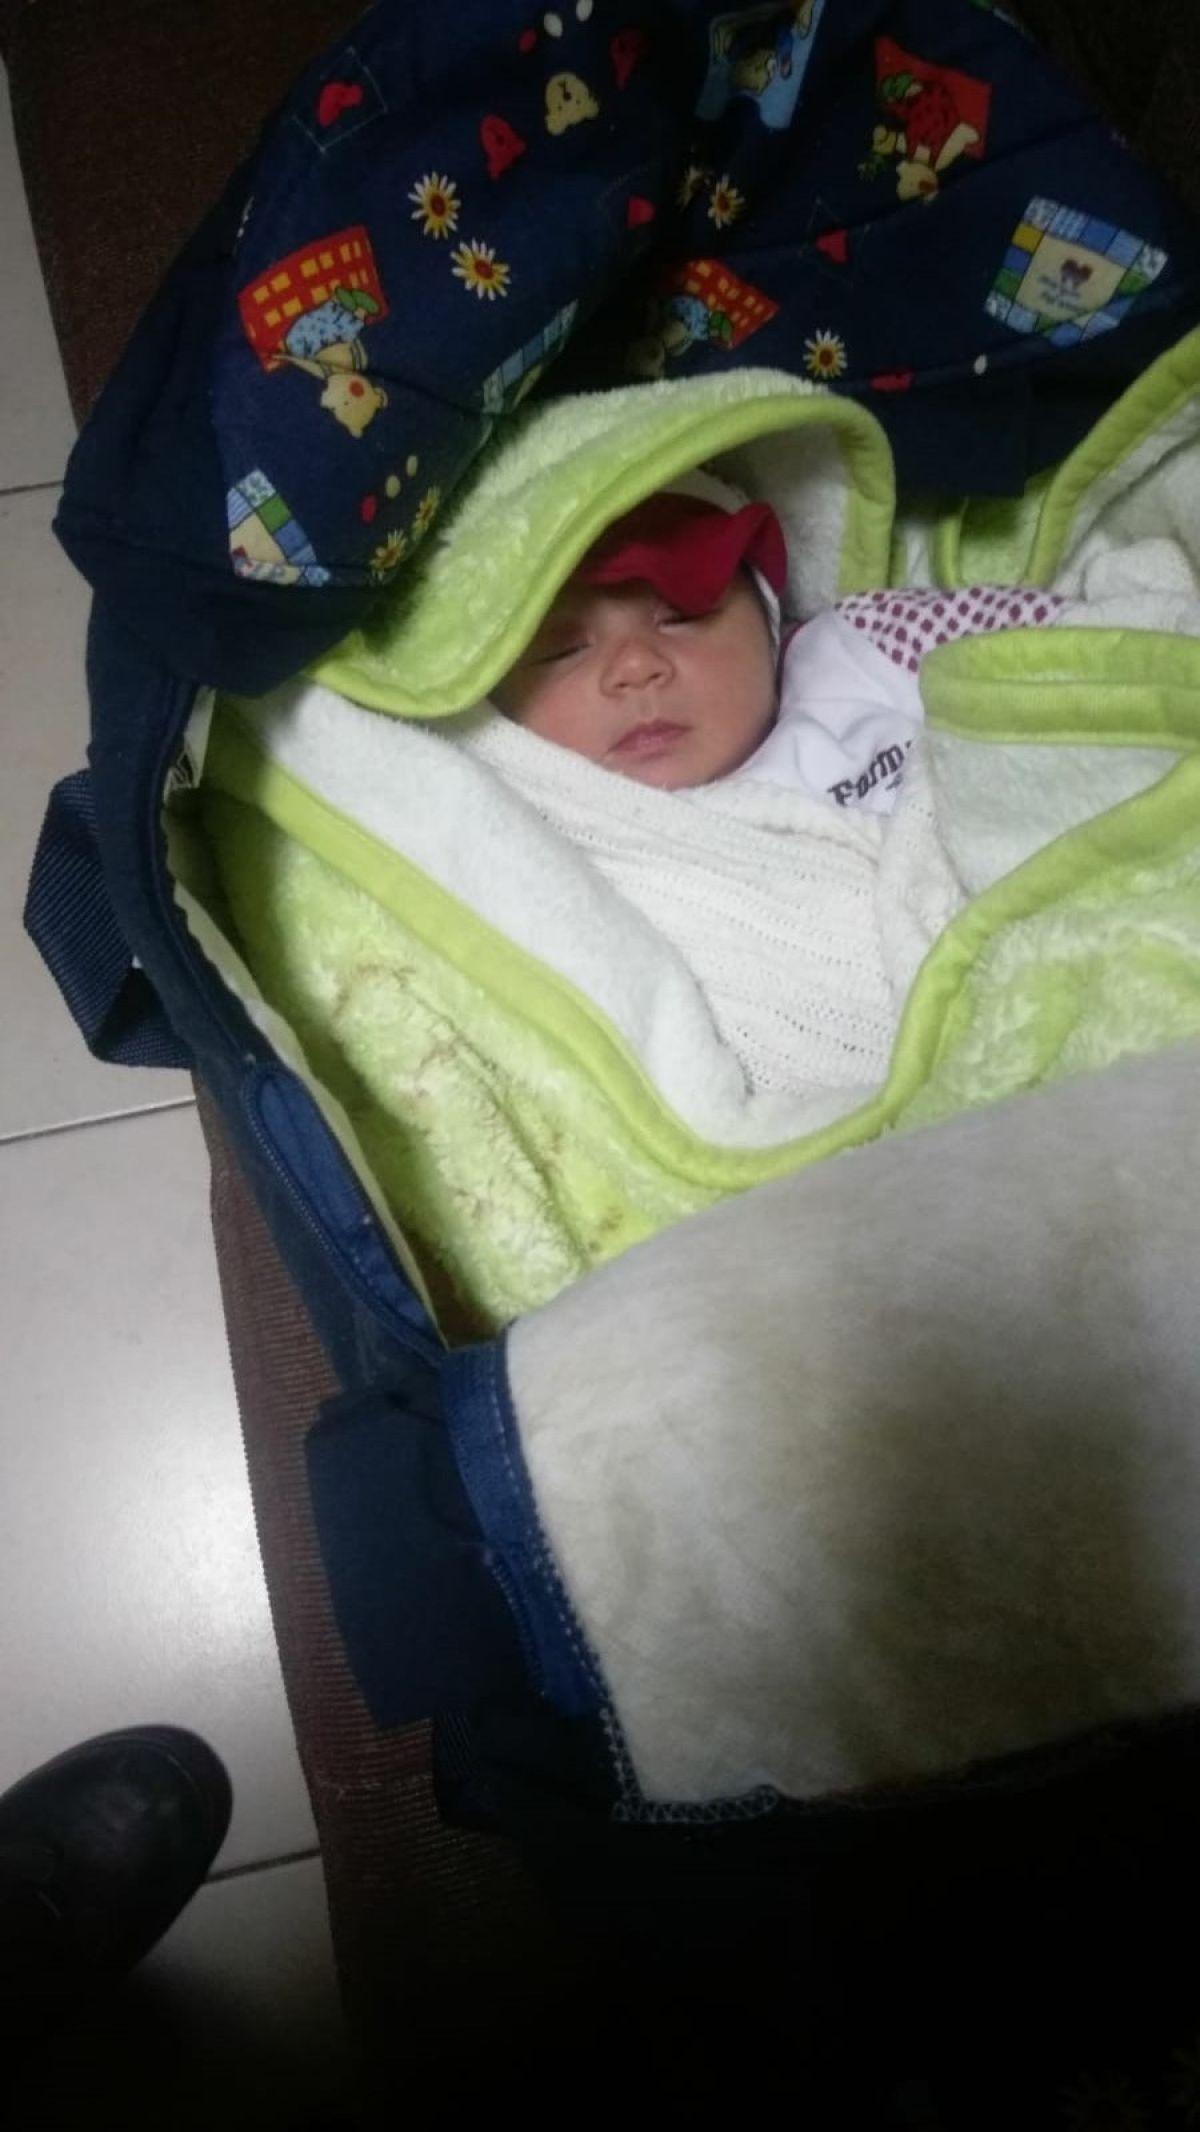 Osmaniye de apartman girişinde bebek bulundu #2